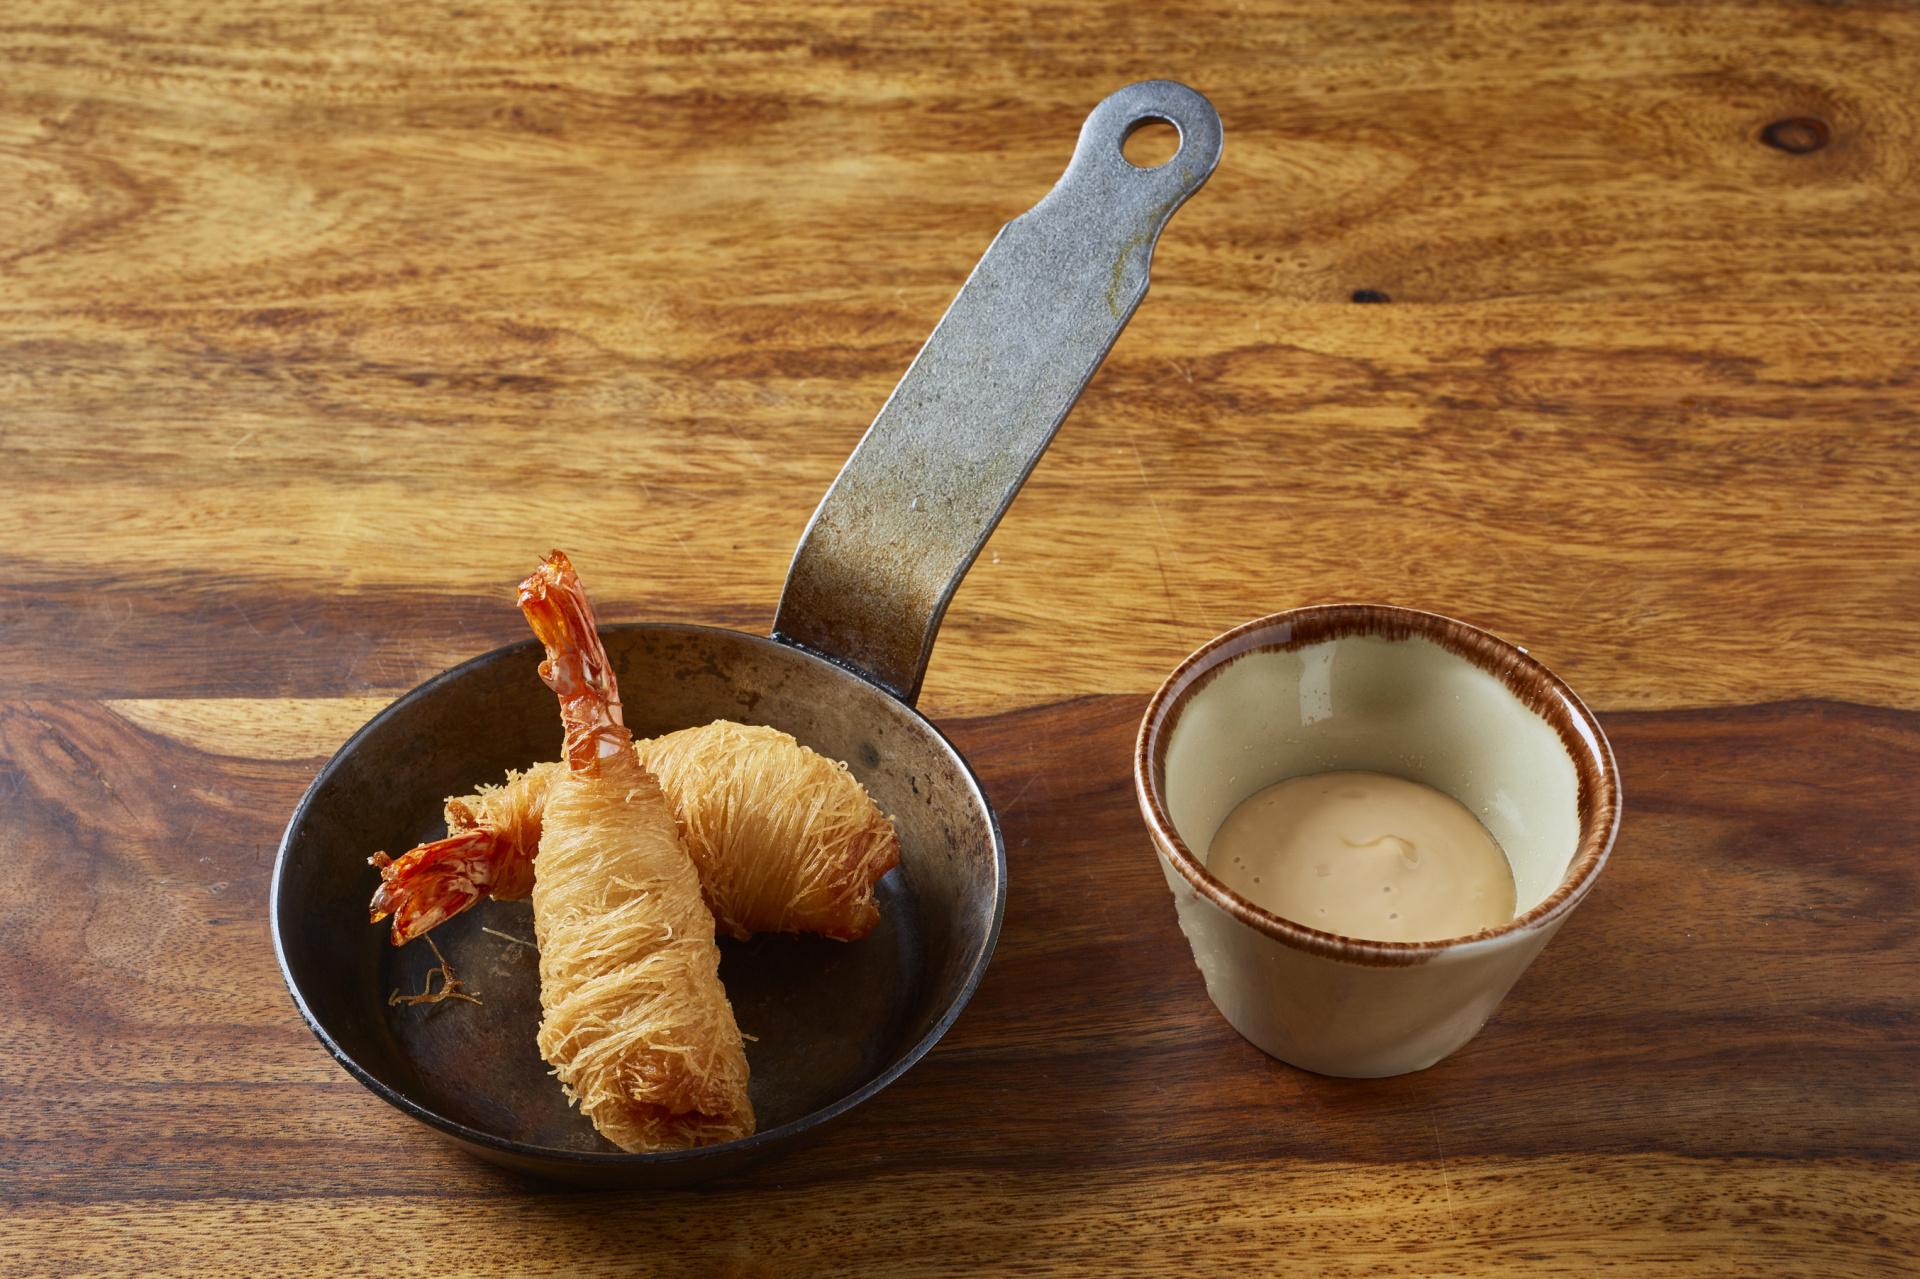 Krevety v kadaif nudlích a japonská majonéza